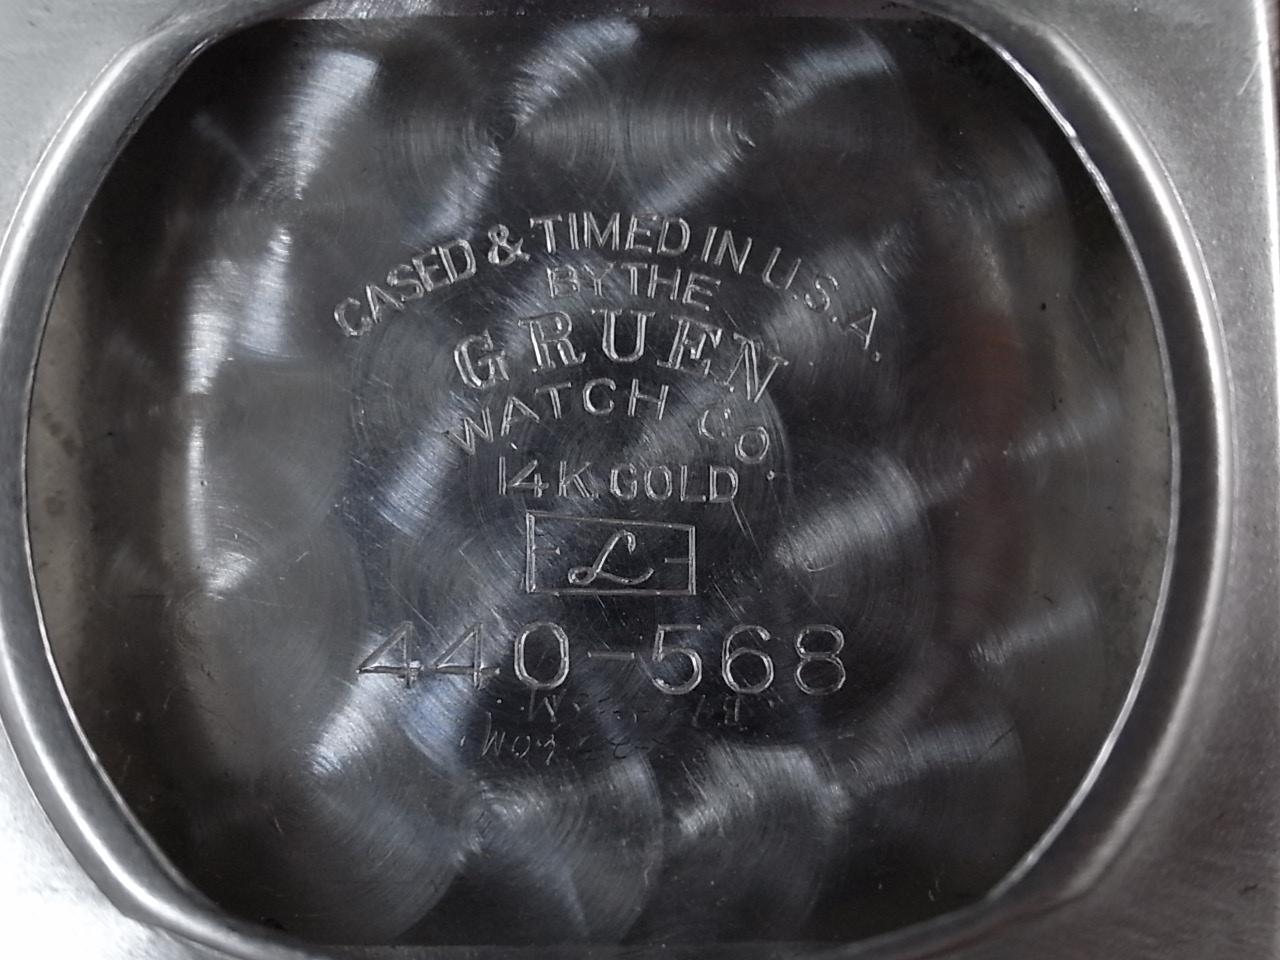 グリュエン カーベックス 14KWG ブラックミラーダイアル 1940年代の写真6枚目